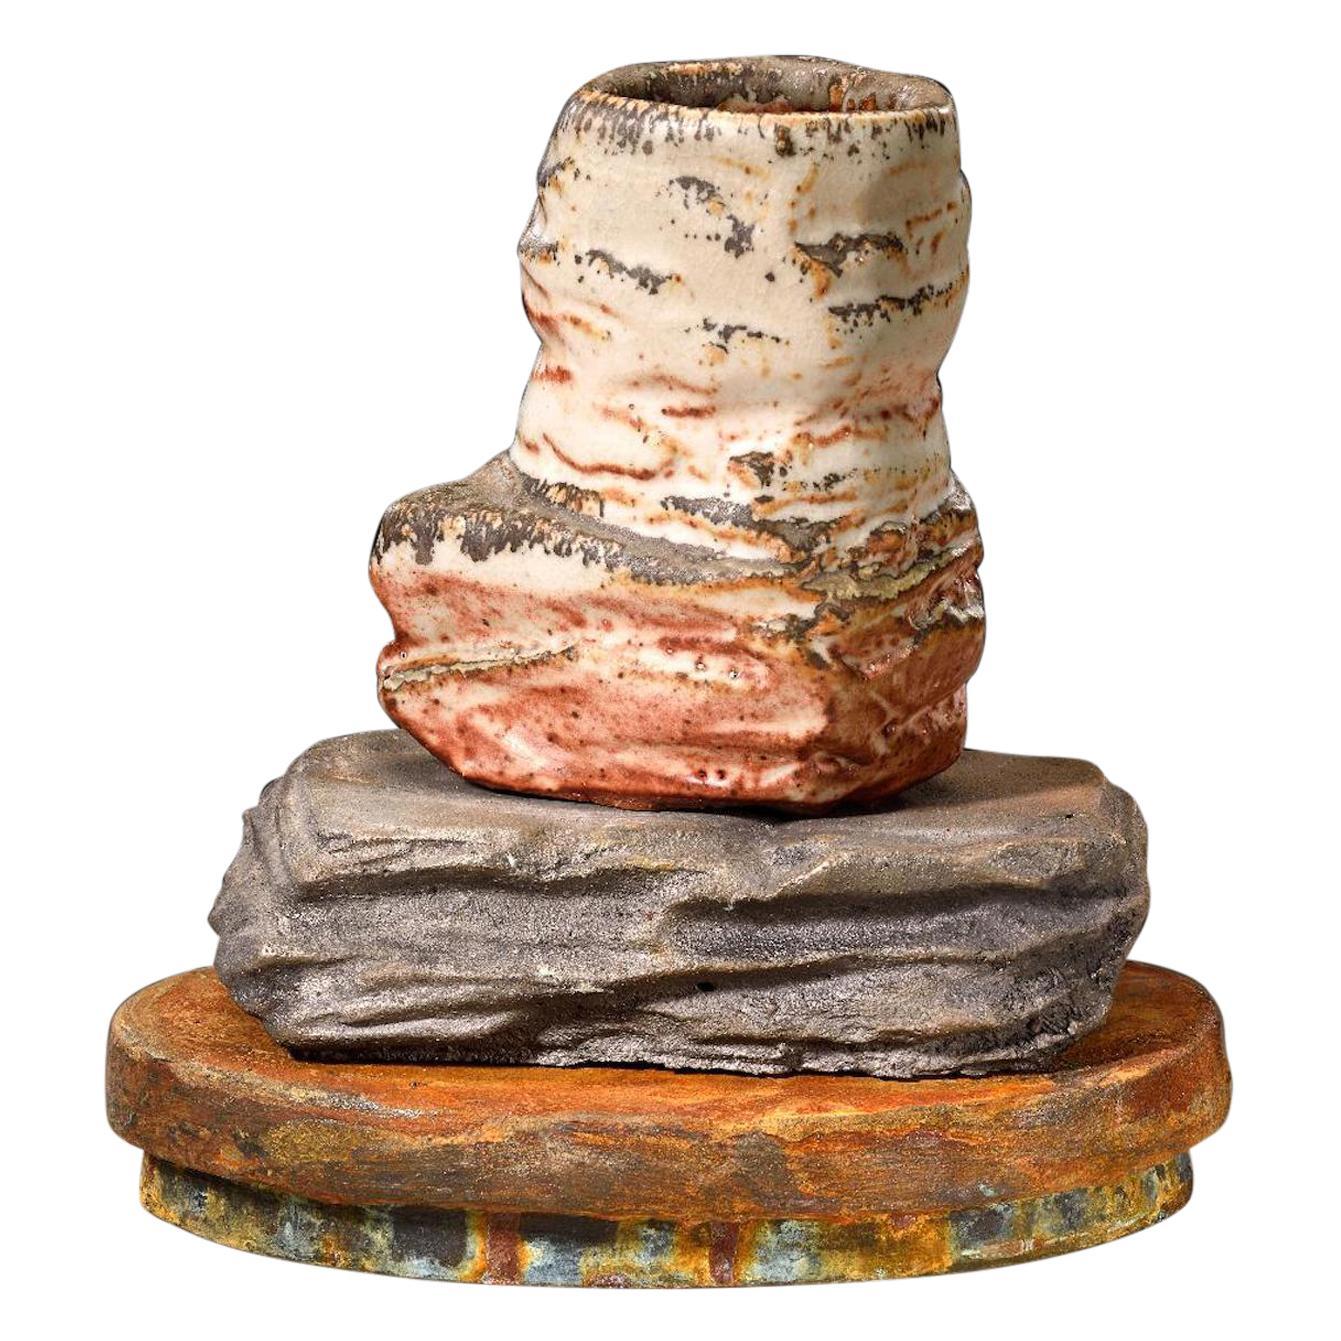 Richard Hirsch Ceramic Scholar Rock Cup Sculpture #20, 2014